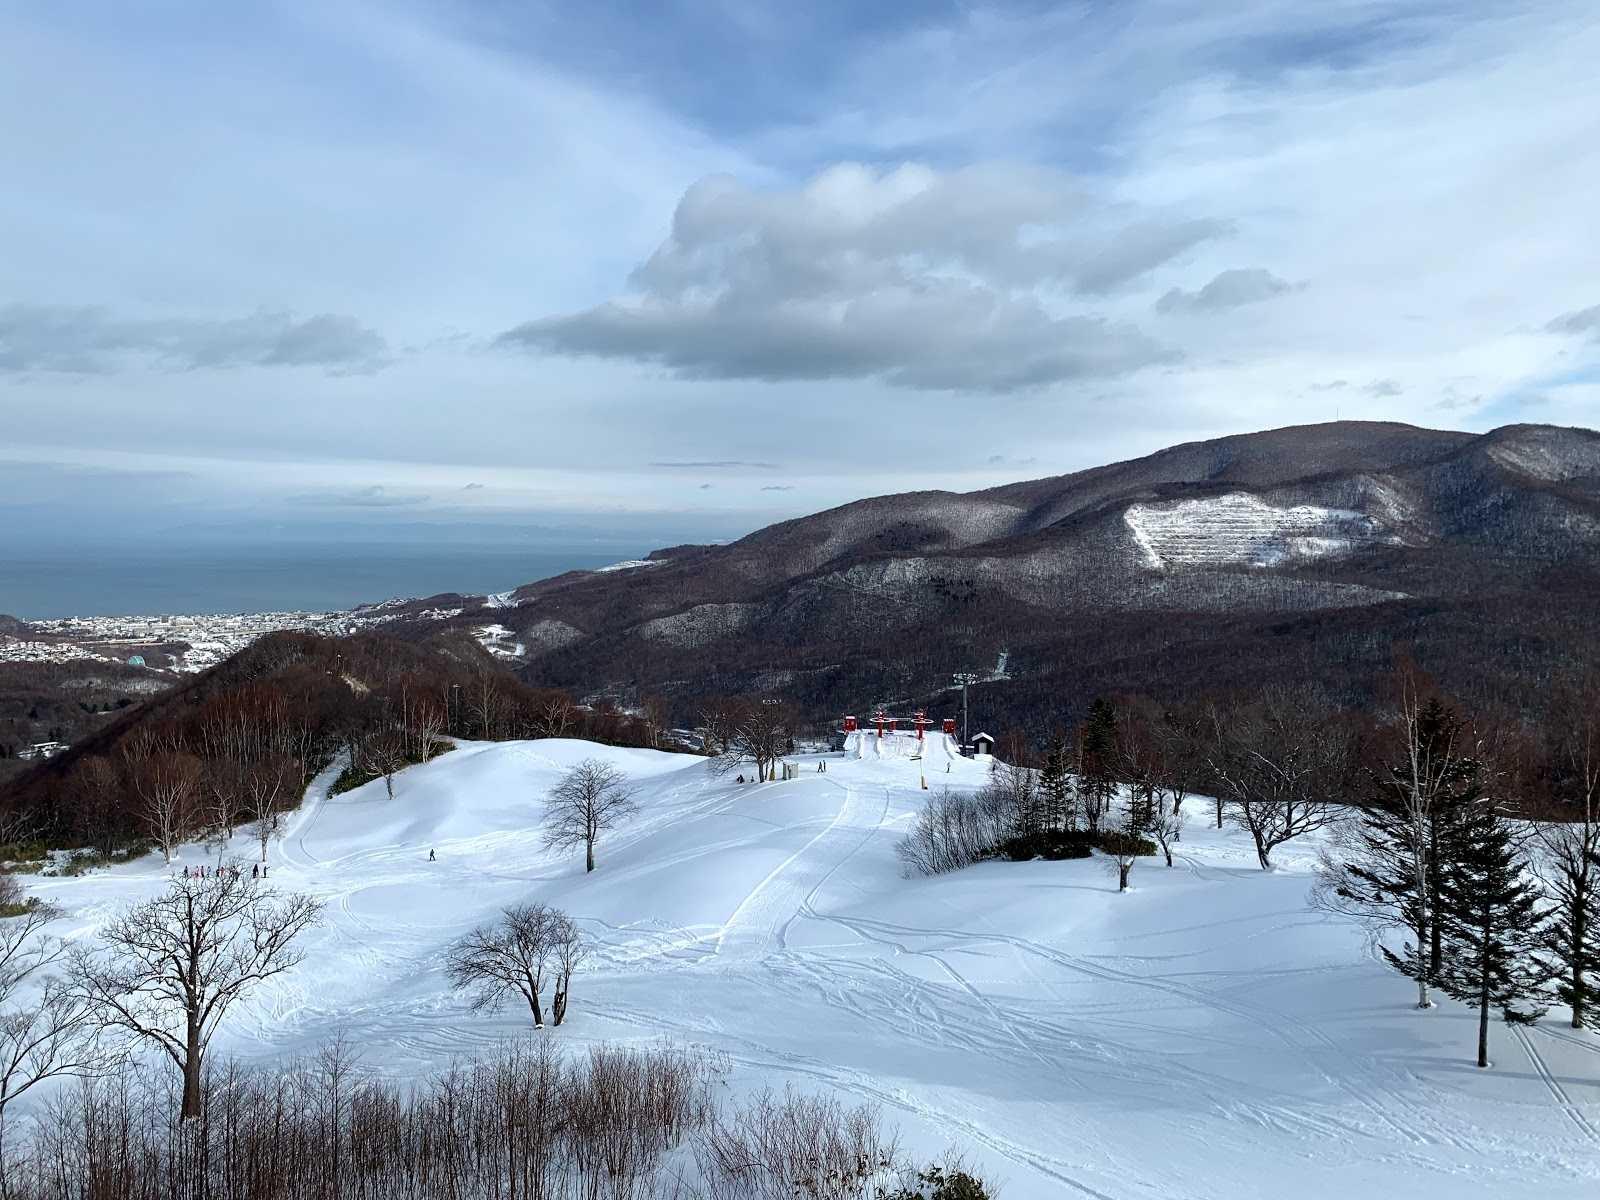 朝里 川 温泉 スキー 場